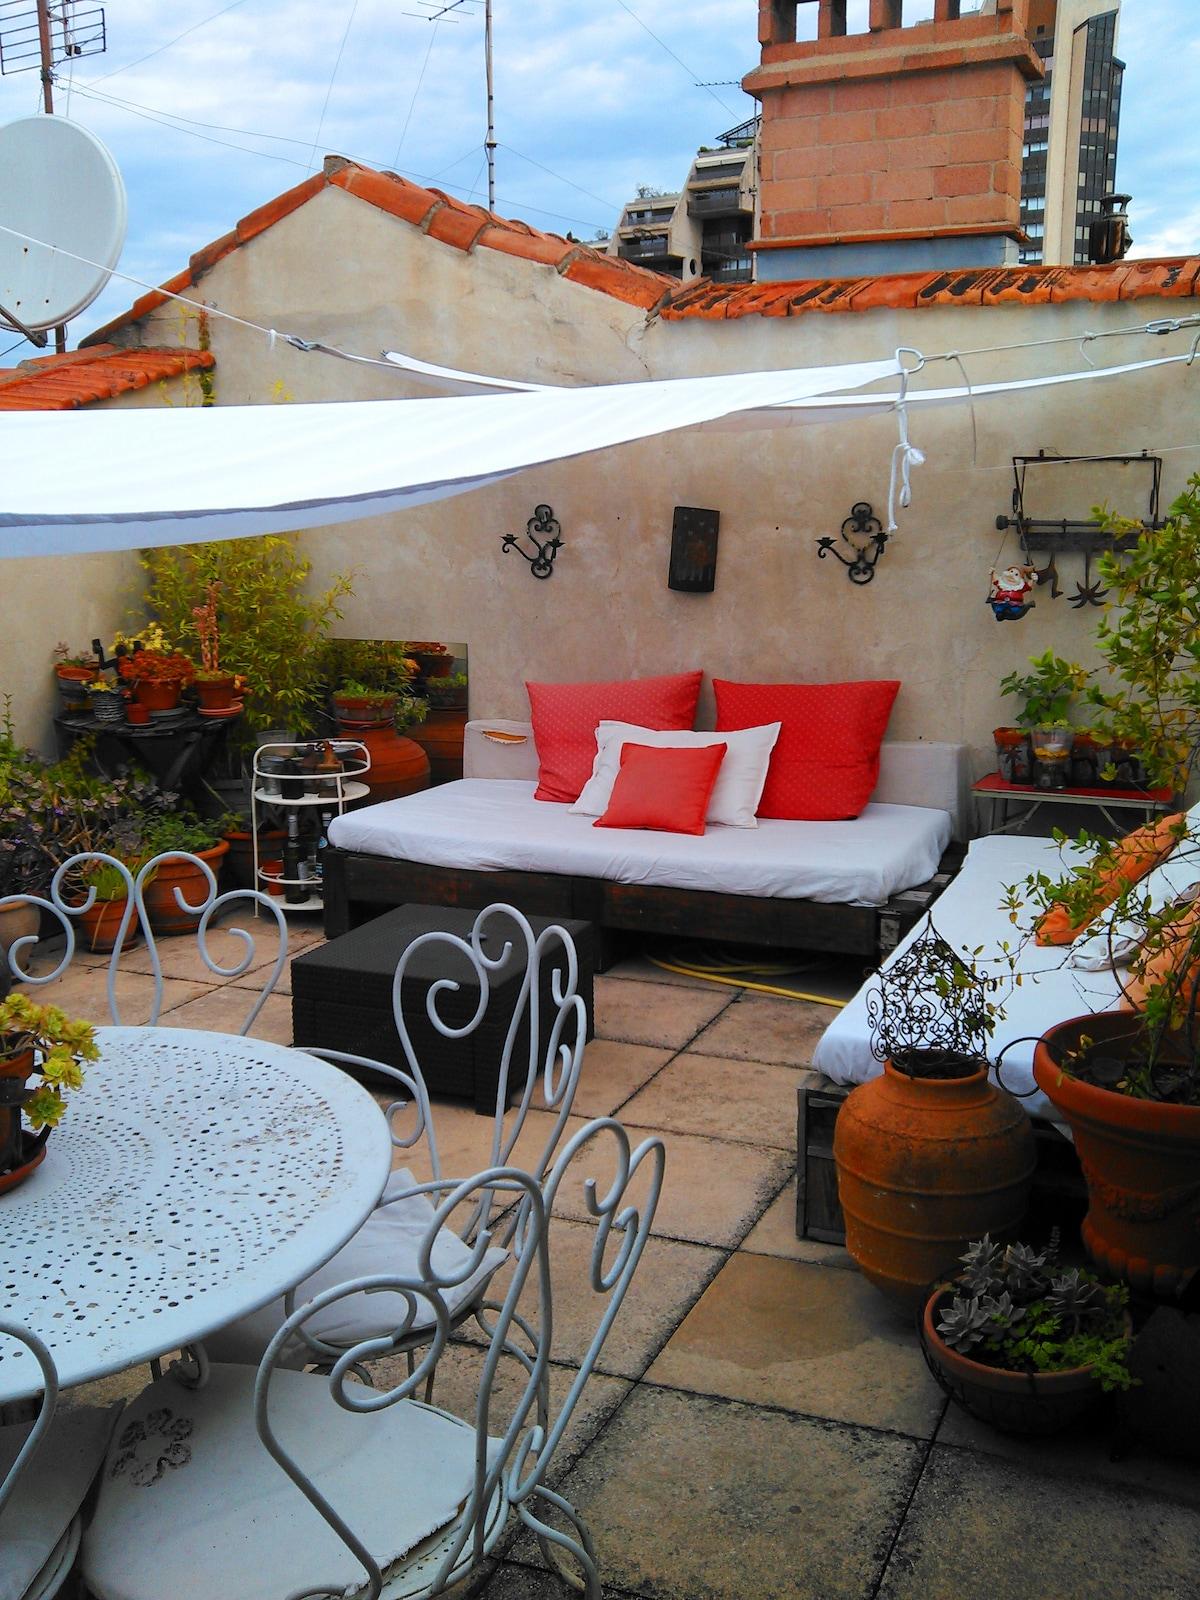 Sur la terrasse , deux canapés , une table et 6 chaises en fer forgé, à l'ombre des voiles suspendues.